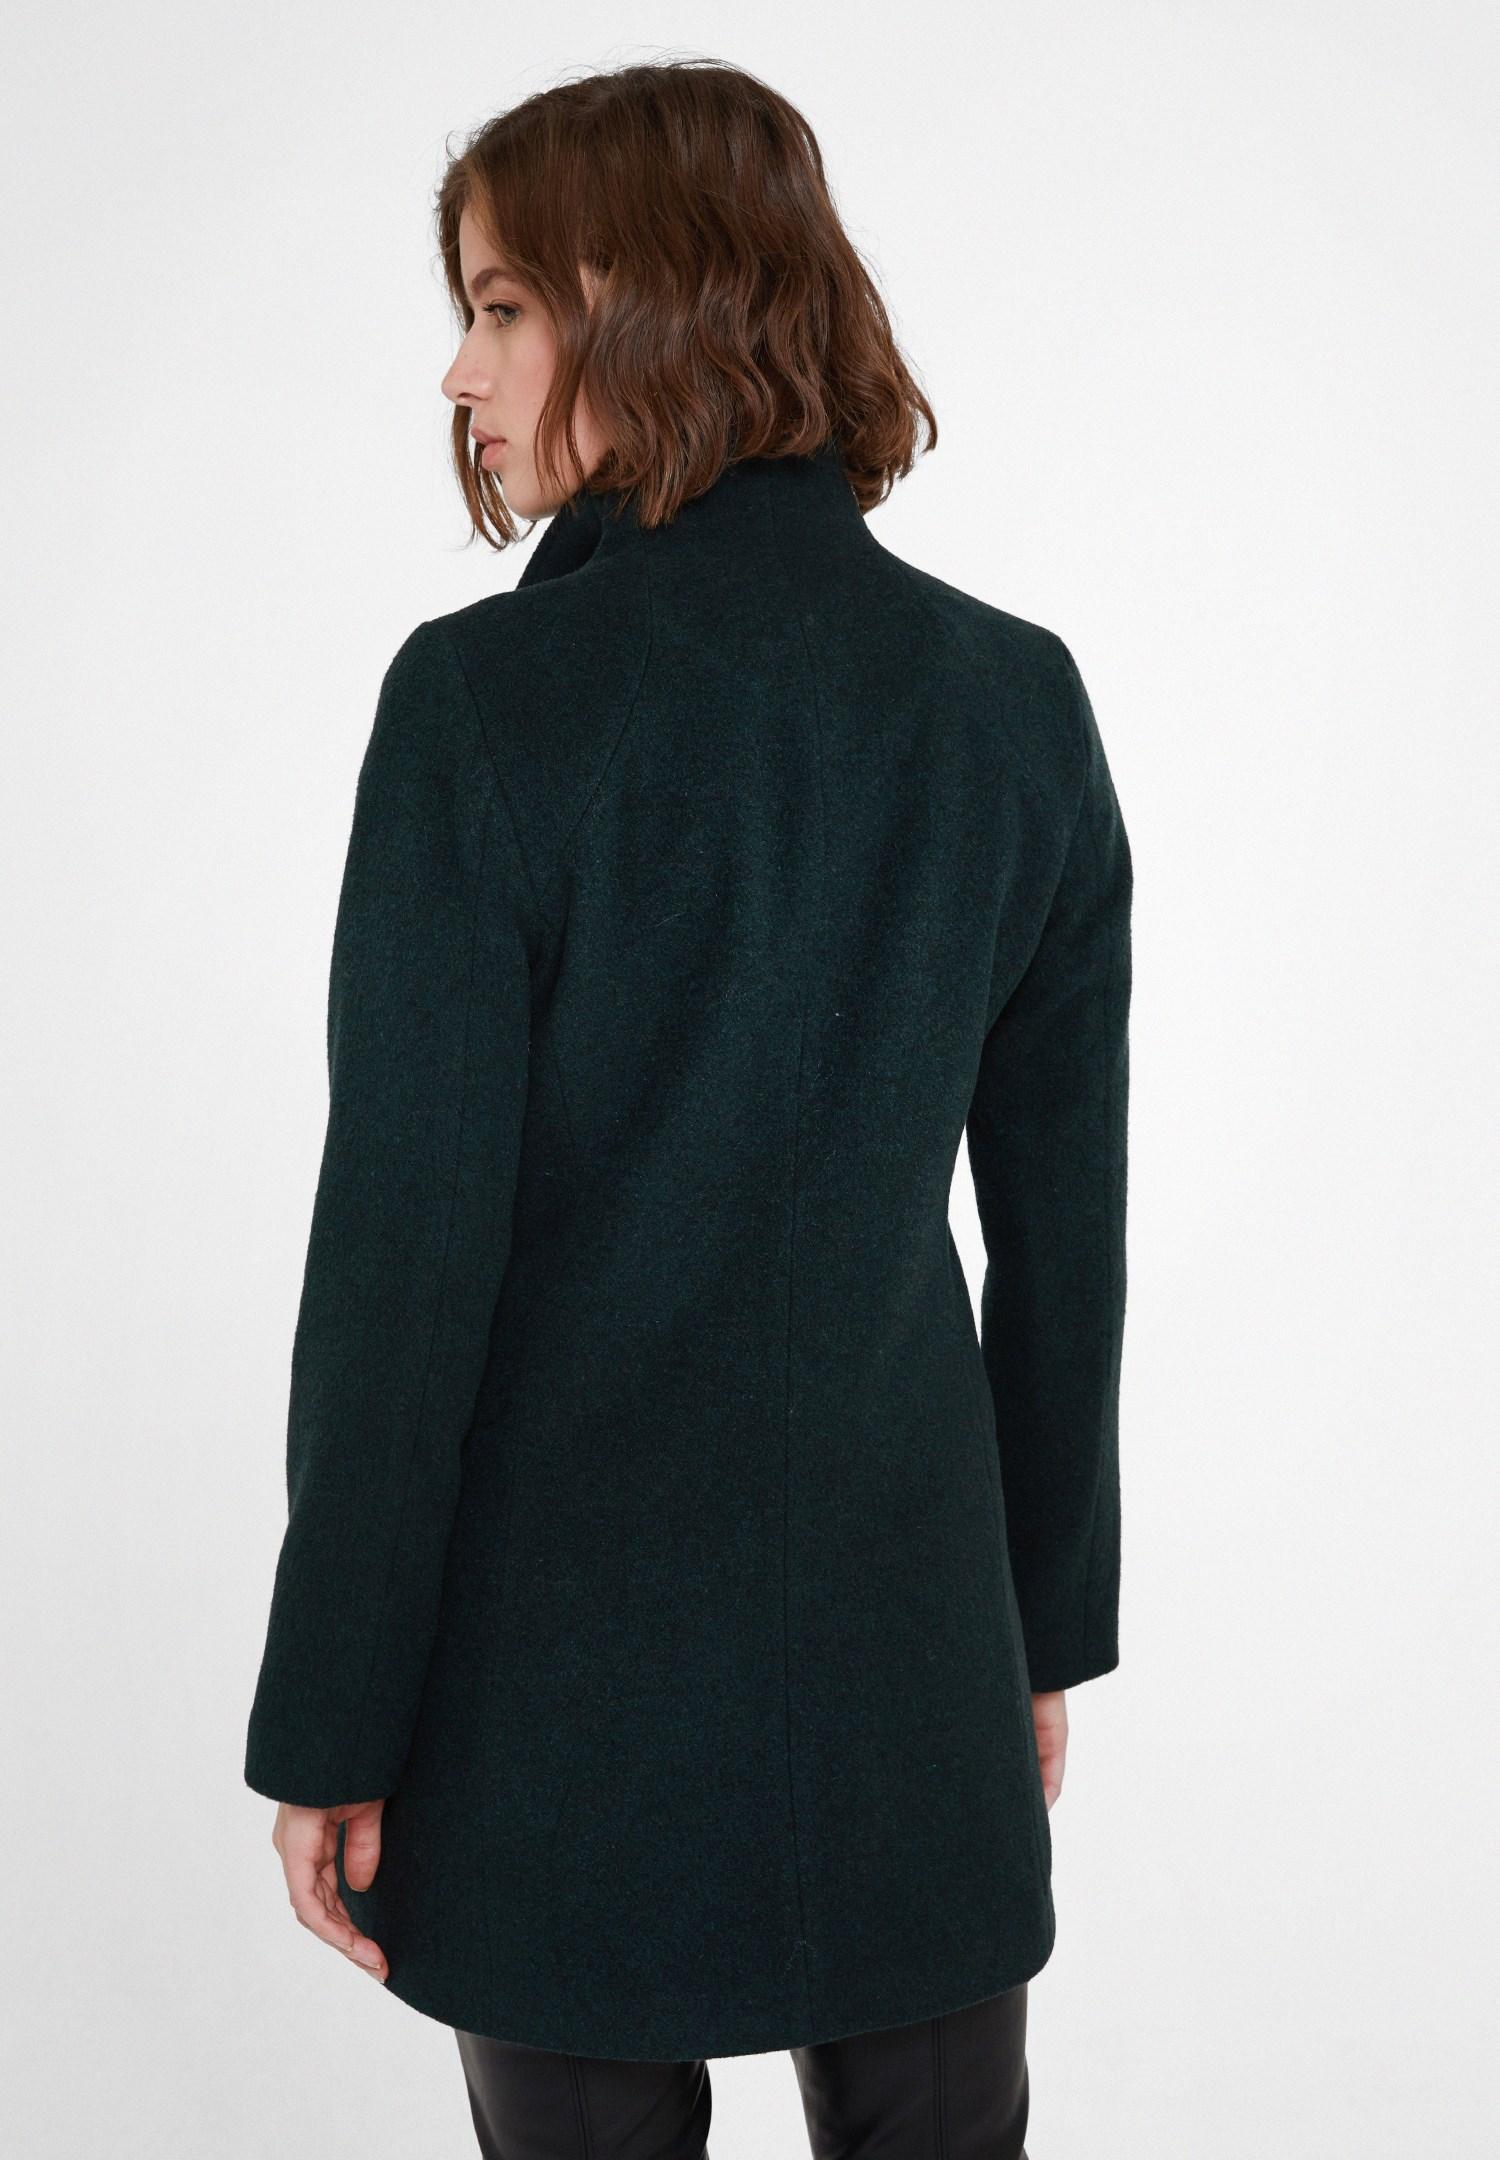 Bayan Yeşil Yün Karışımlı Fermuar Detaylı Kaban